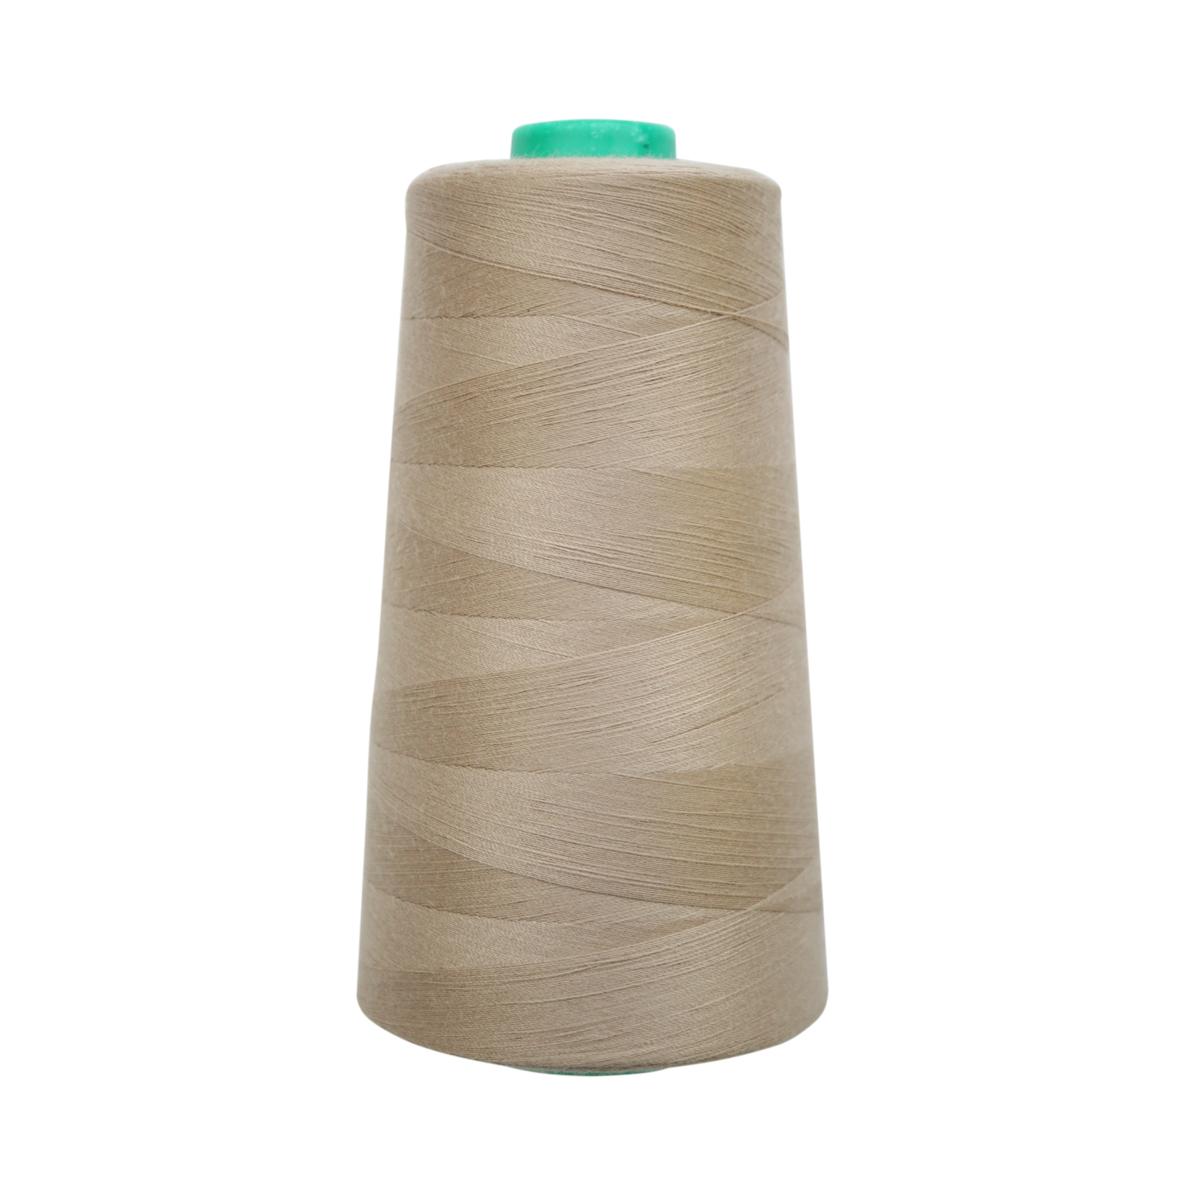 Нитки для шитья Bestex 50/2, 5000 ярд, цвет: серо-пастельно-болотный (251)7700936-251Сфера использования: трикотаж; ткани малого веса; оверлочные швы; отделка краев; вышивка. Размер игл №70-80